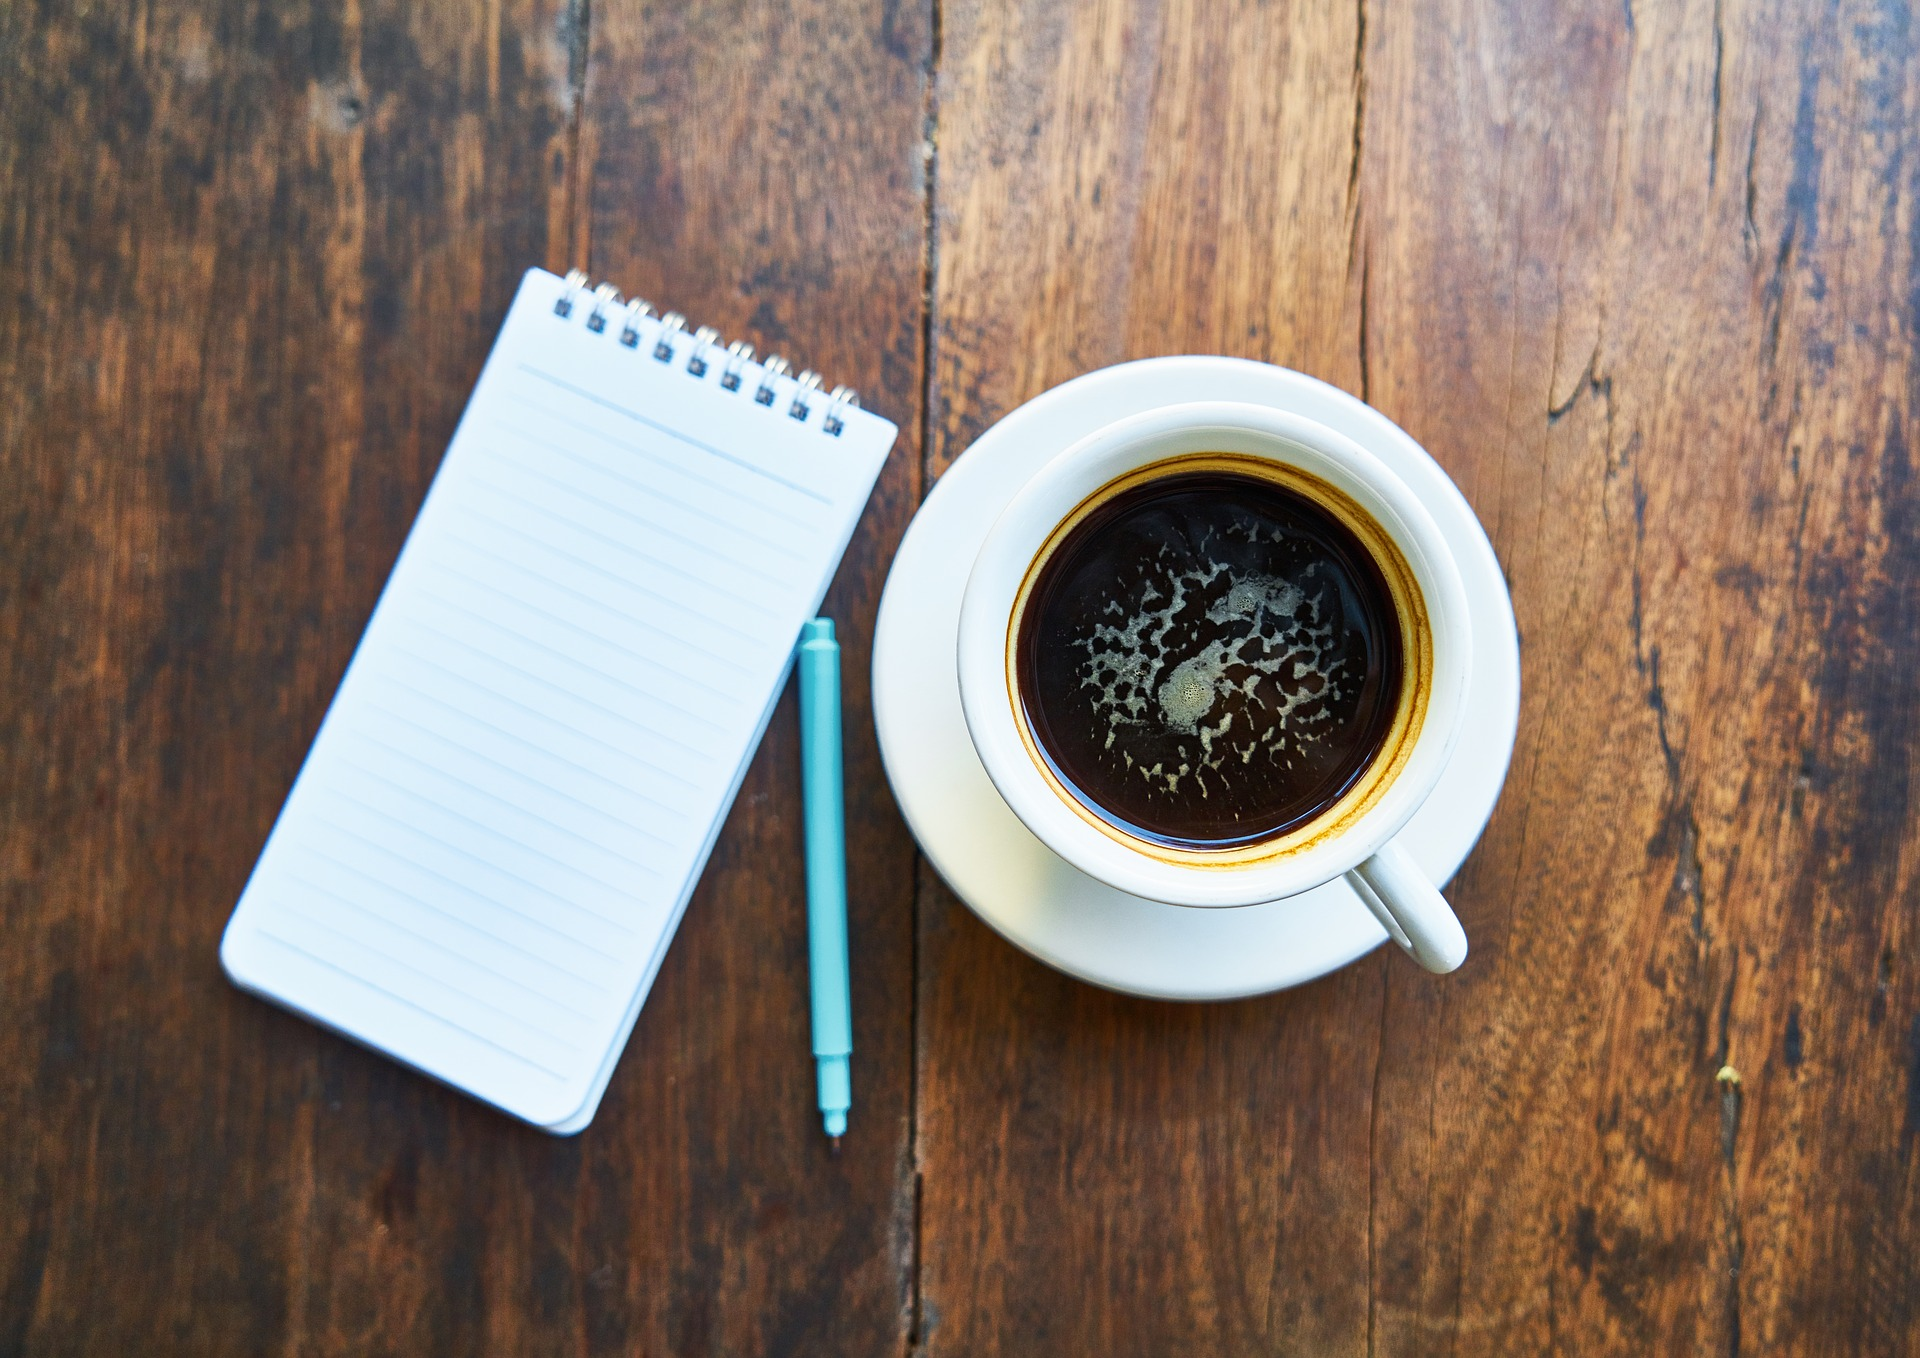 Einblick in 19 Jahre Projekterfahrung in Customer Care Excellence – da reicht (k)ein Espresso